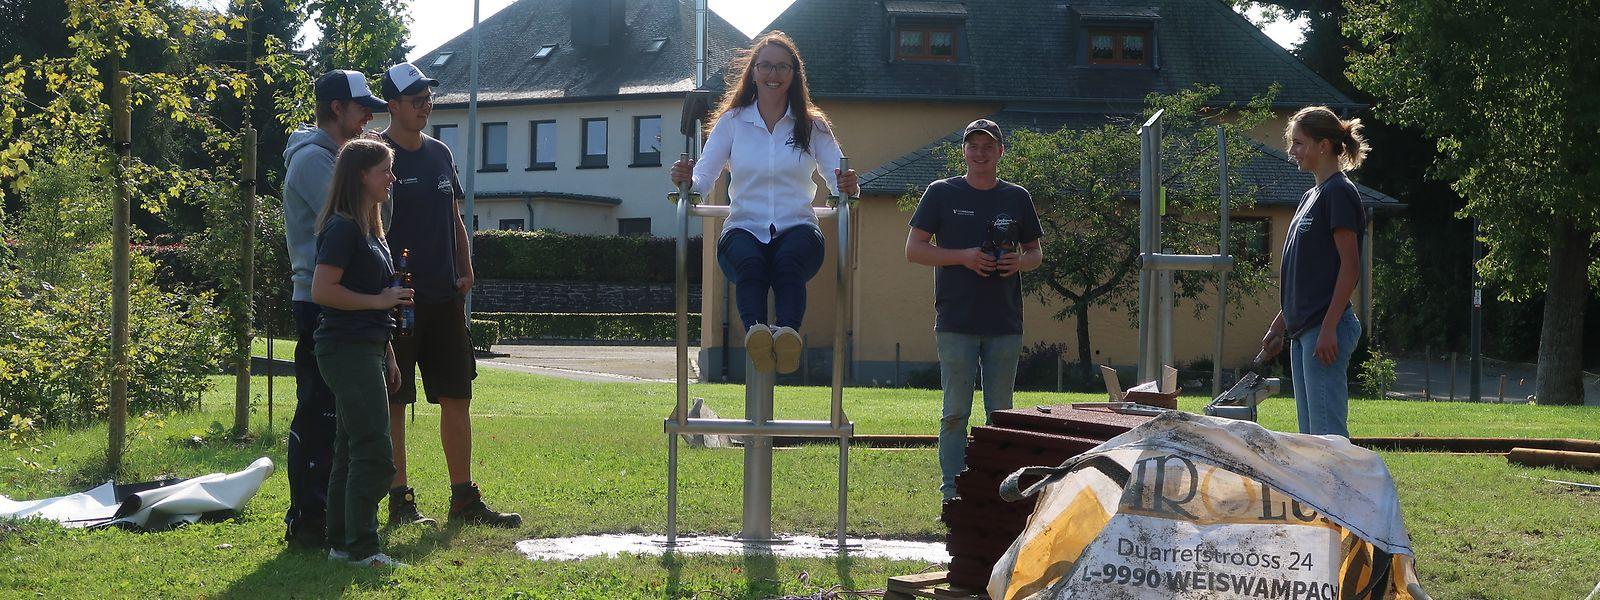 LLJ-Präsidentin Angèle Mersch probiert eines der drei Sportgeräte selbst aus und hat dabei sichtlich Spaß.